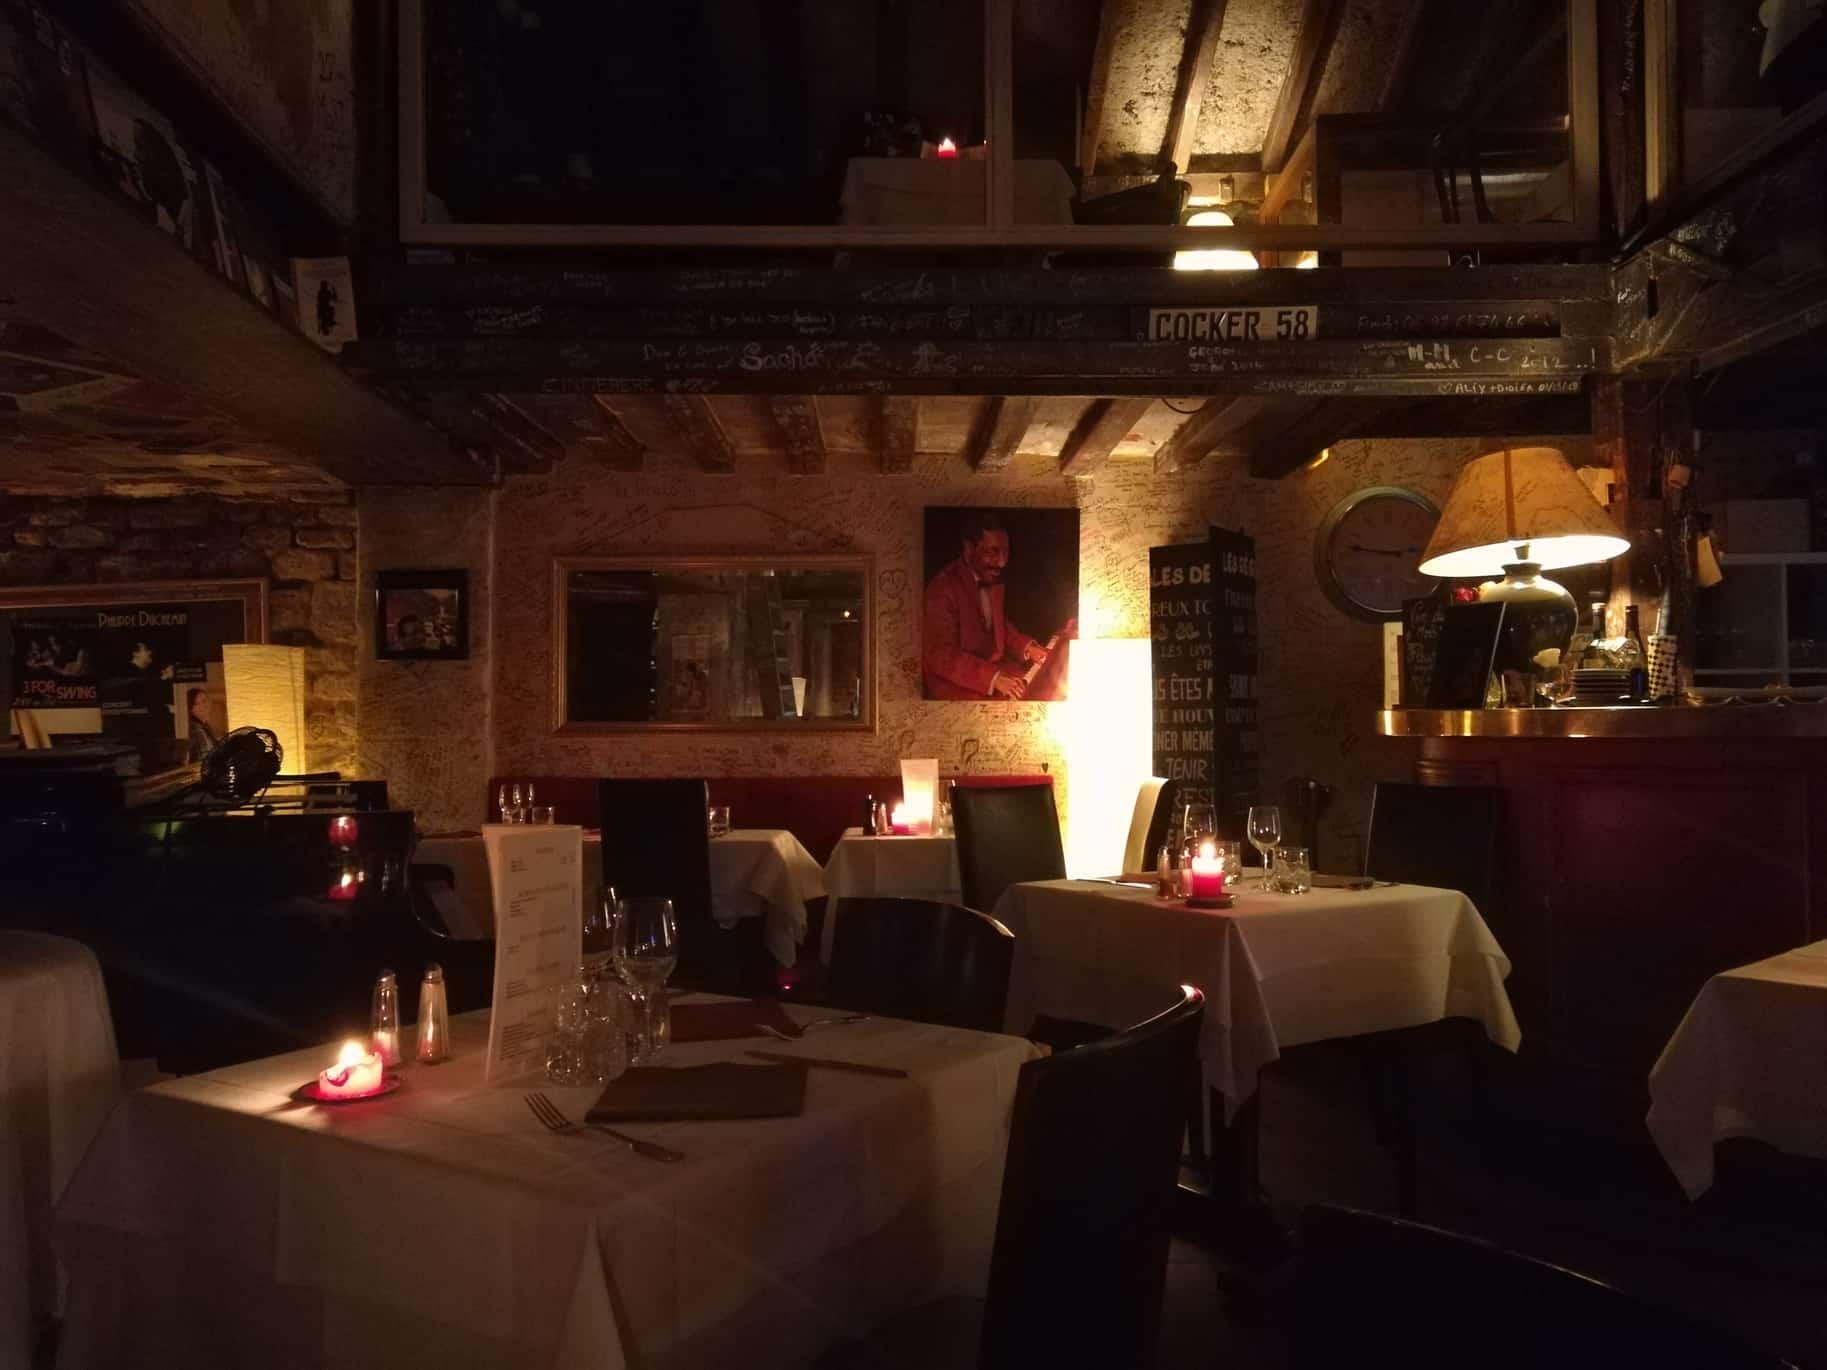 パリのお勧めジャズクラブ(Chez Papa Jazz Club)ジャズクラブシェパパ